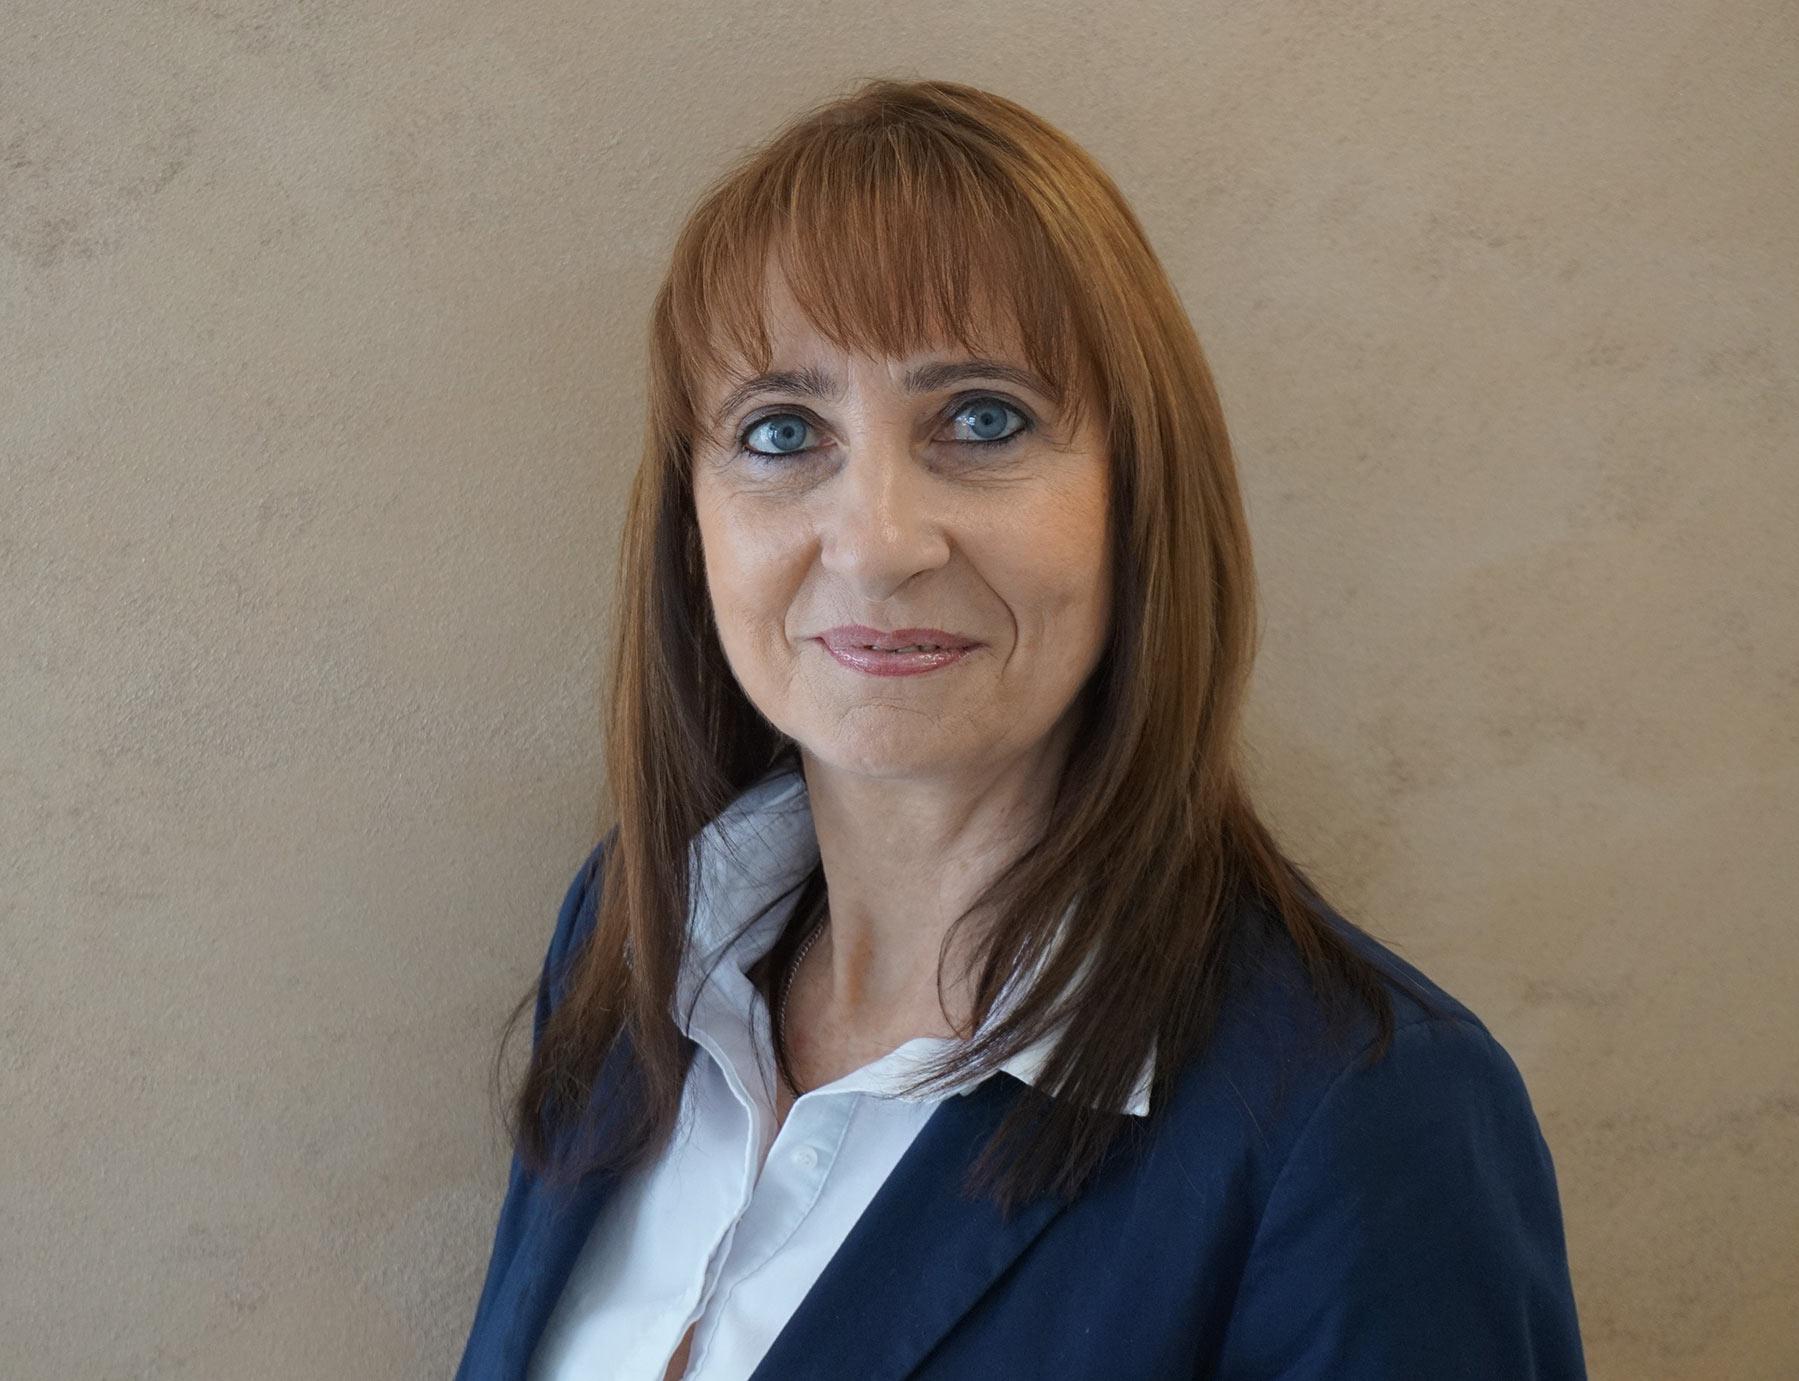 Manuela Becker